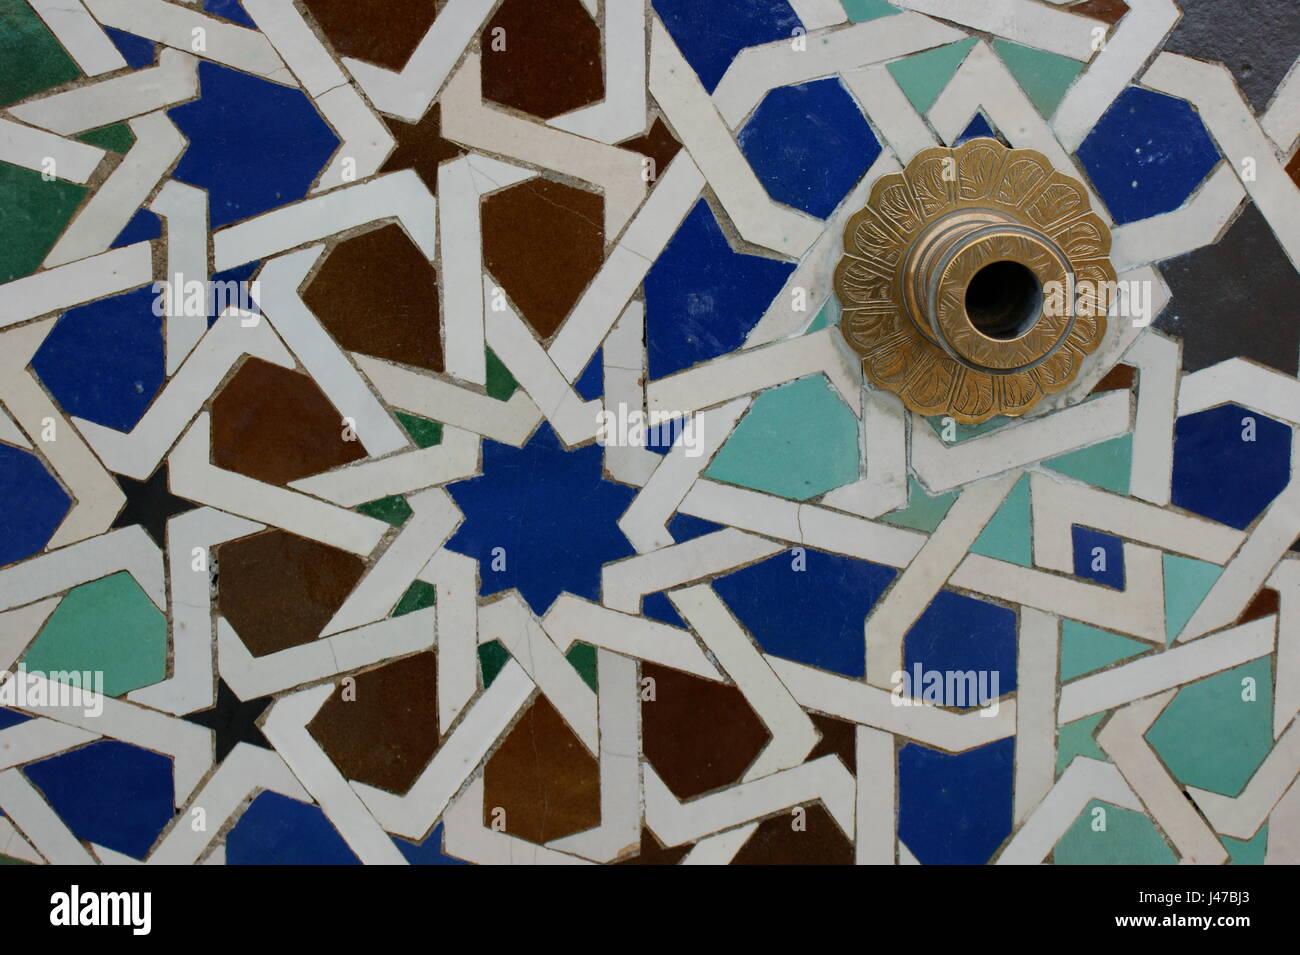 Zellij Oder Mosaik Fliesen In Rabat Marokko Stockfoto Bild - Mosaik fliesen marokko